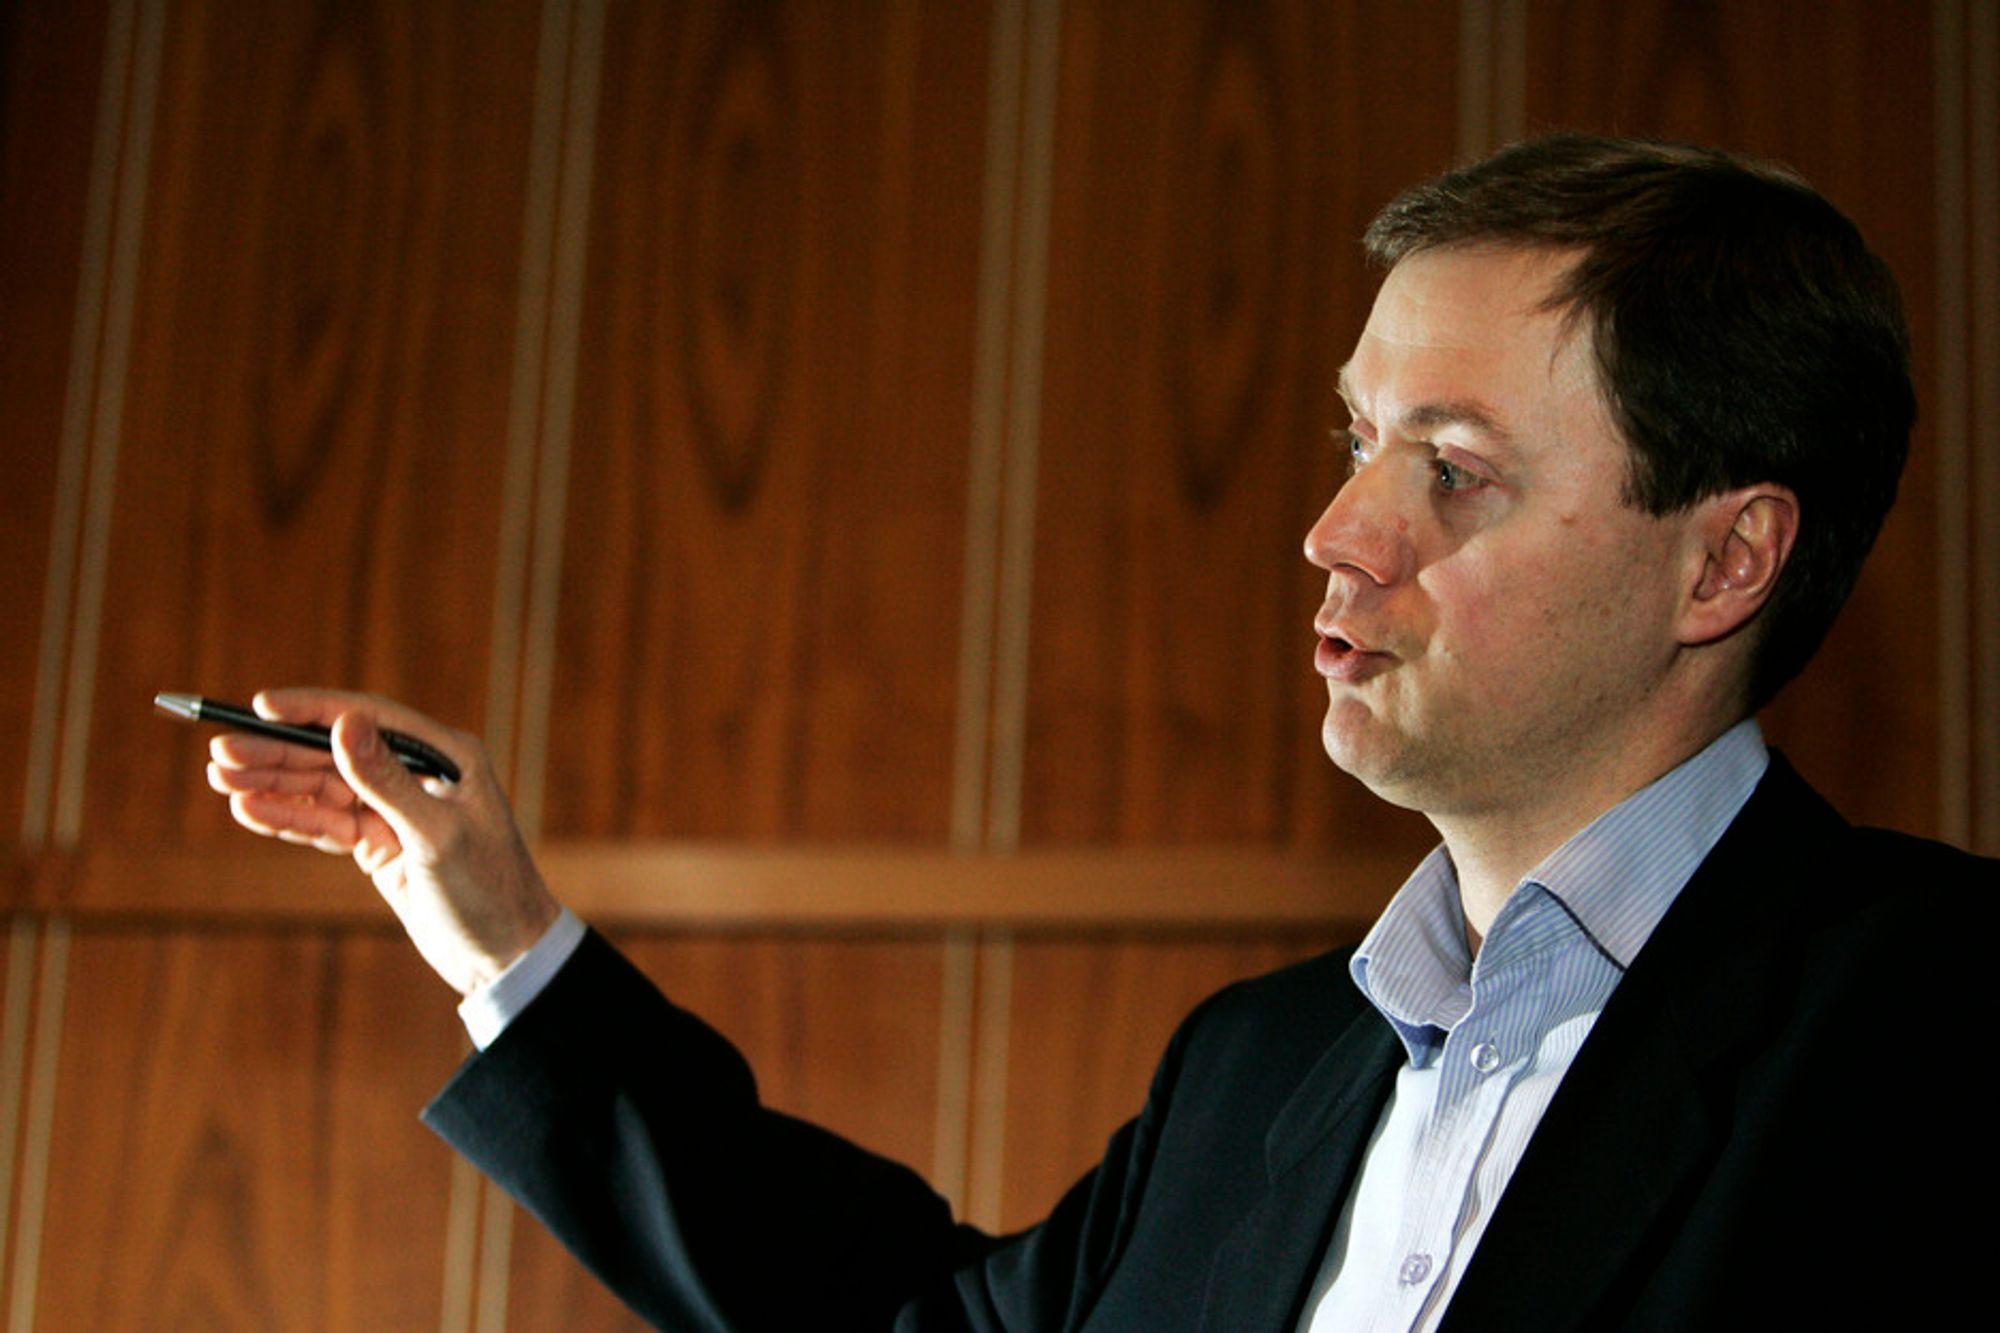 KRISEN FORTSETTER: Krisen i industrien fortsetter inn i 2010, mener Knut E. Sunde i NHO-foreningen Norsk Industri. Flere bransjer som har klart seg bra så langt, rammes nå av finanskrisen.